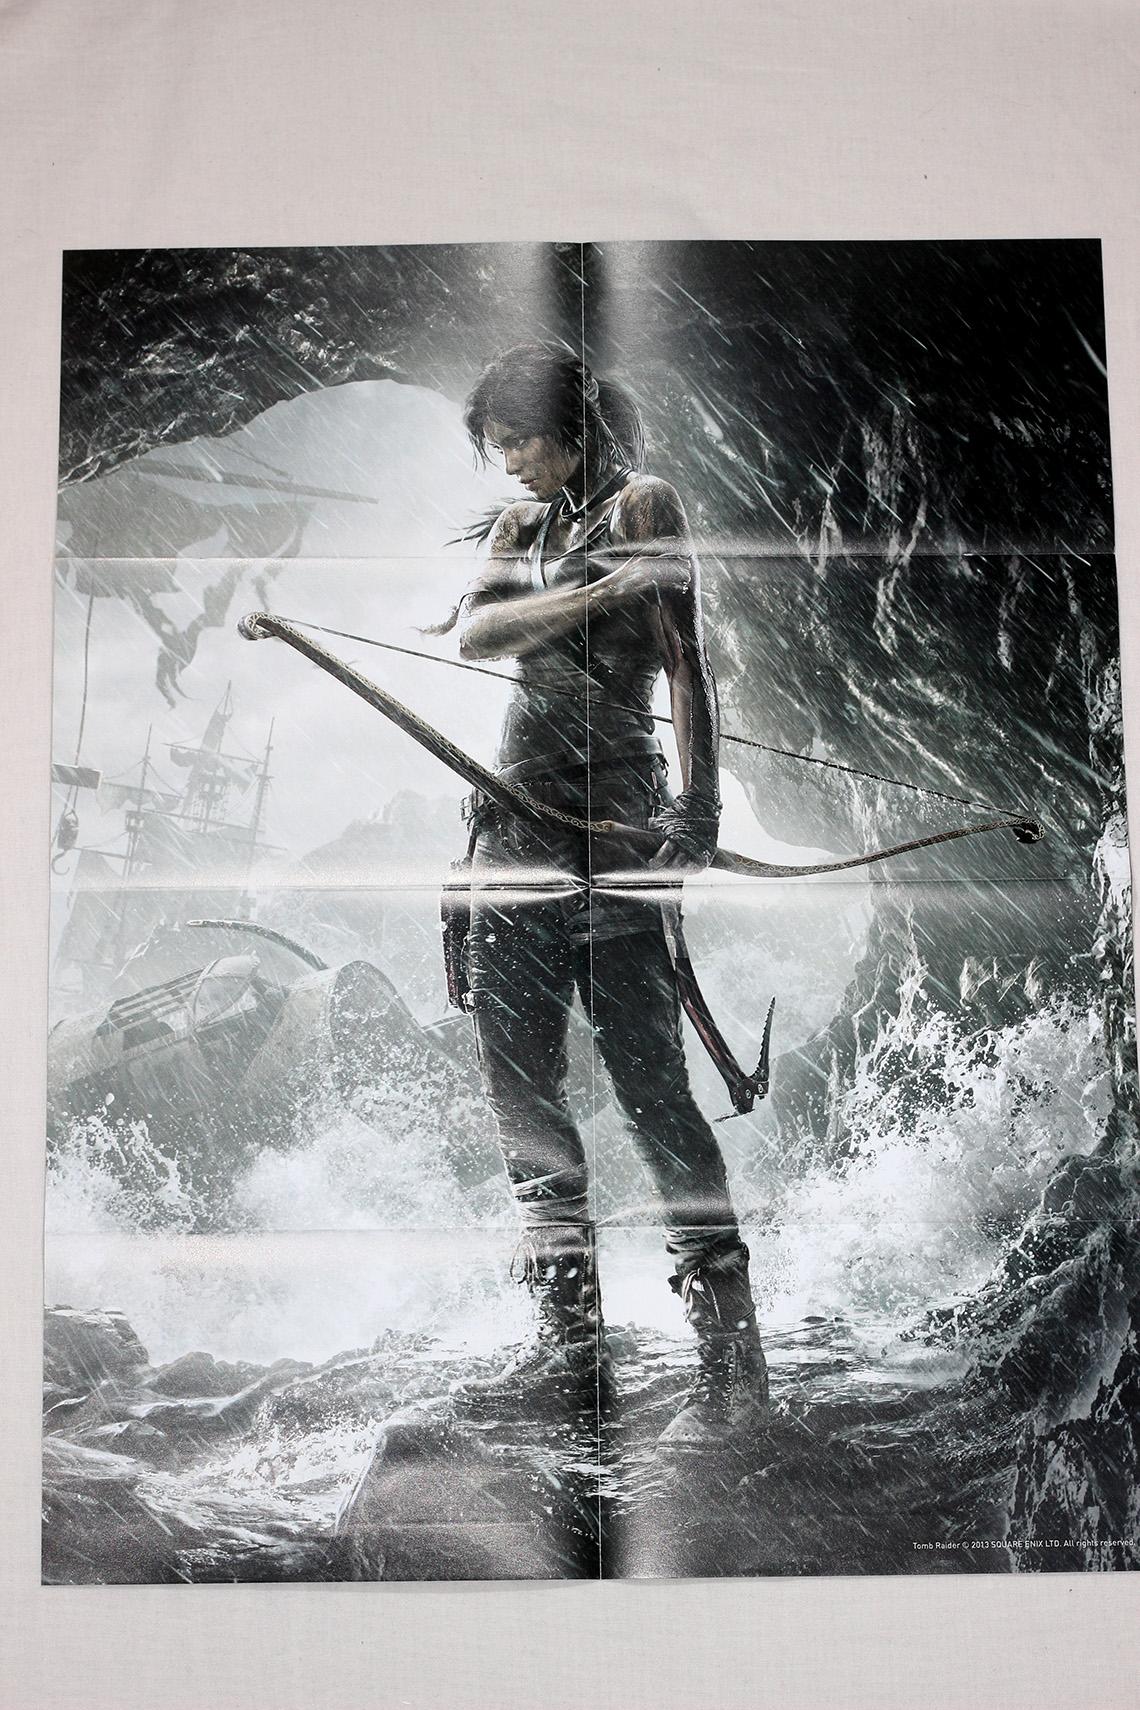 Déballage - Tomb Raider édition collector Survival Kit (PC) (9)